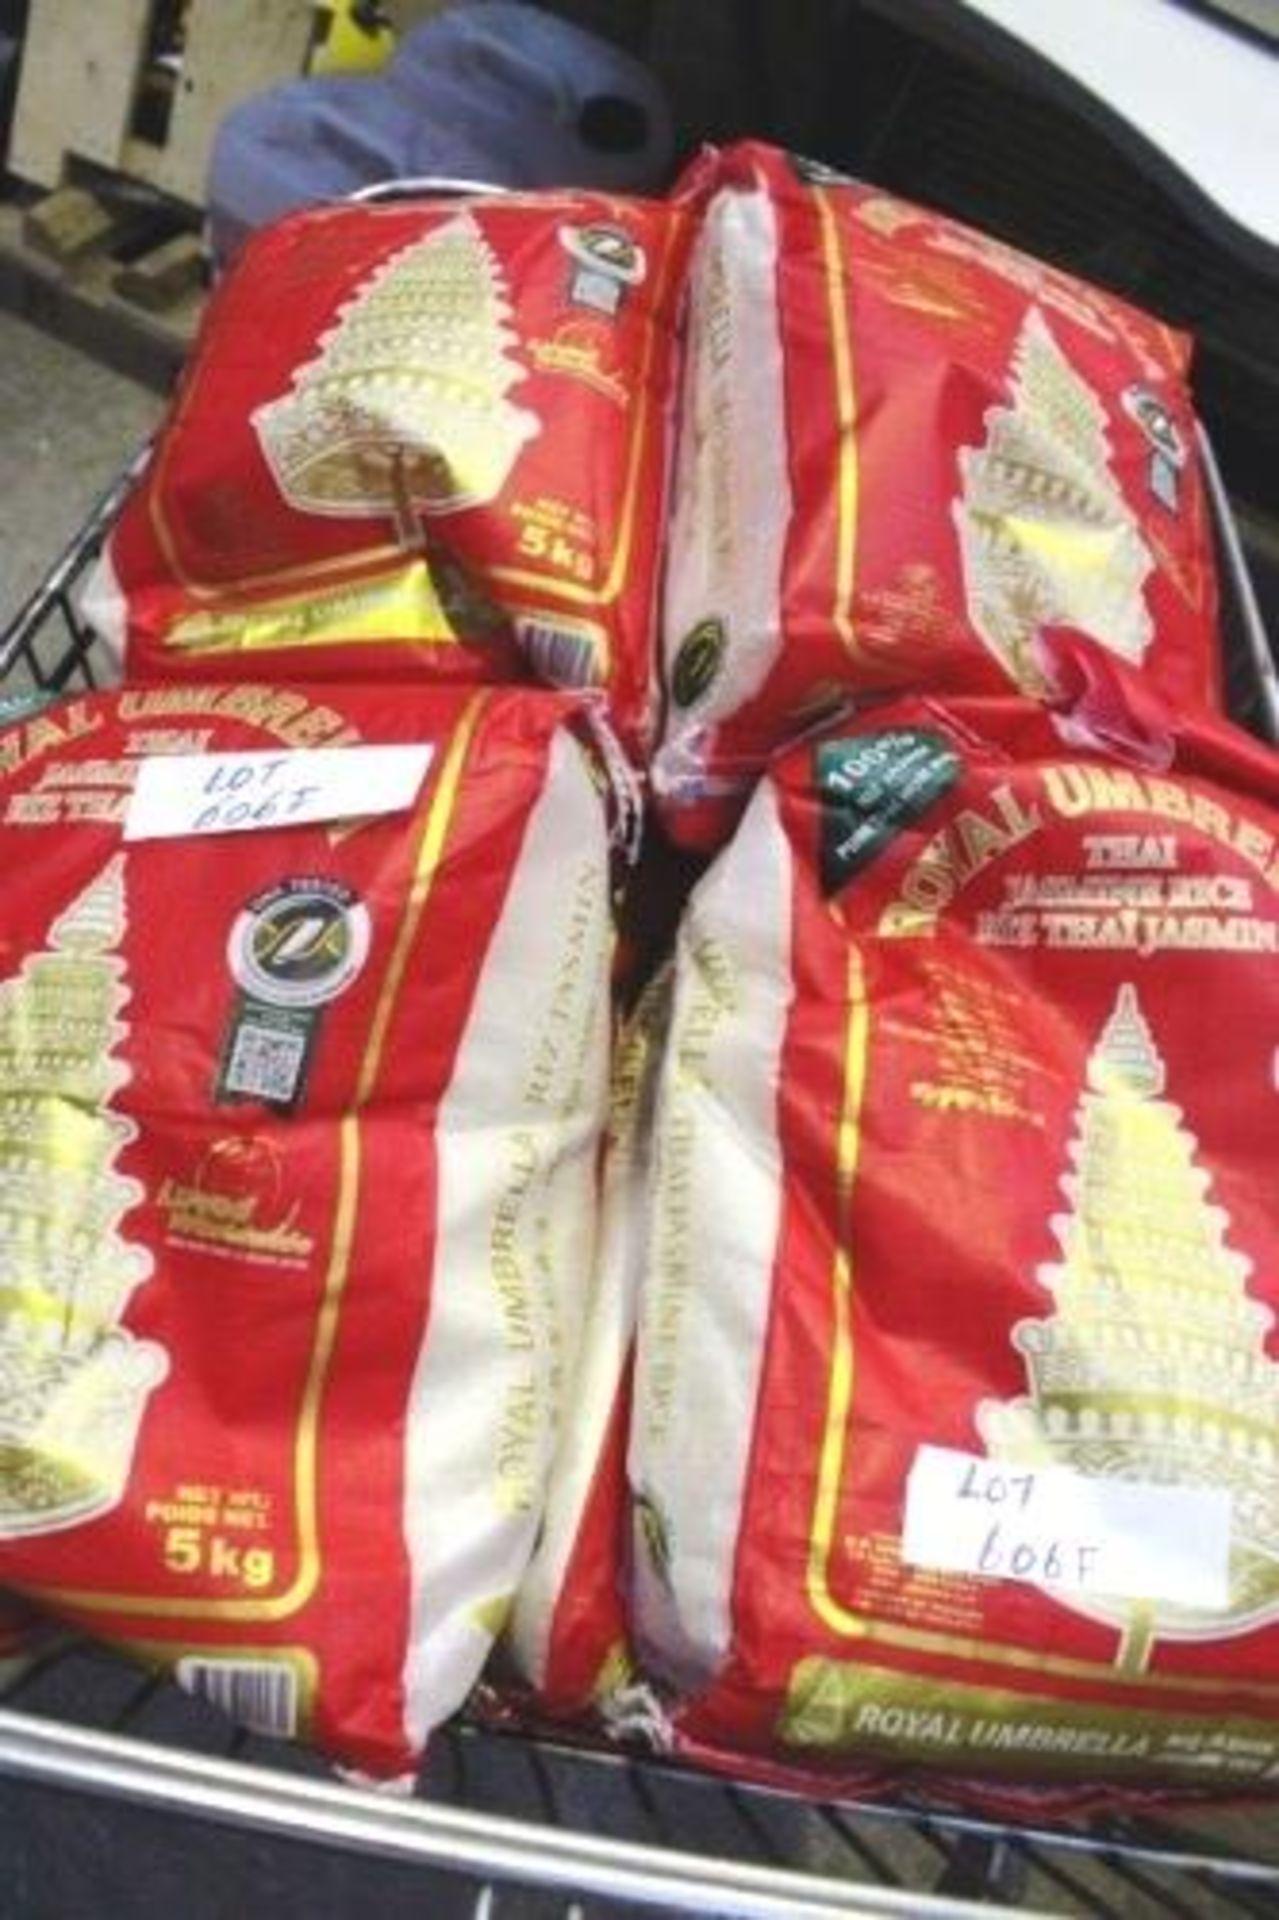 Lot 606F - 12 x 5kg bags of Royal Umbrella Thai Jasmine Rice (est2)